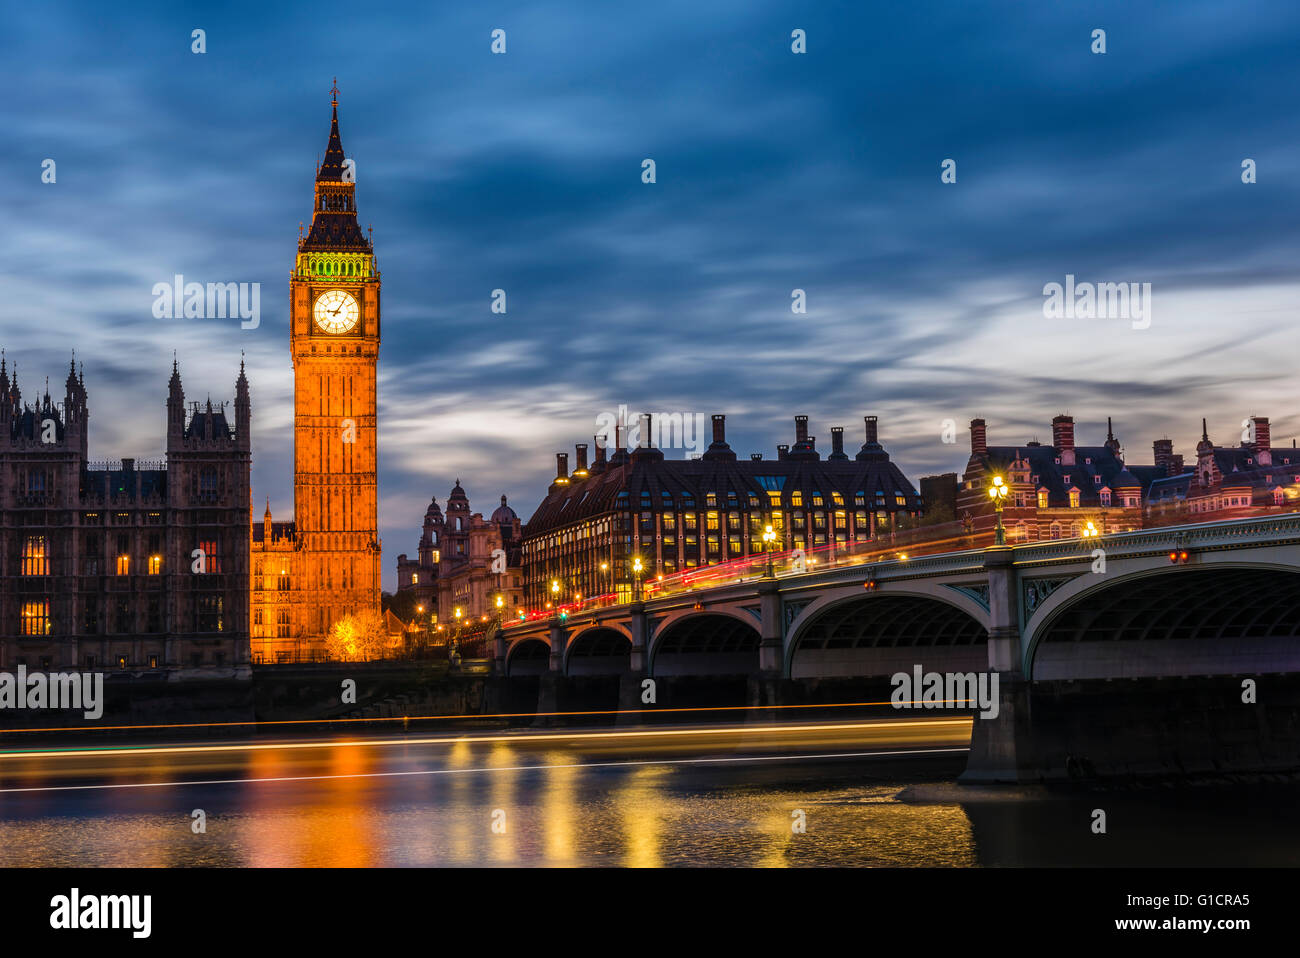 Una lunga esposizione al crepuscolo di autobus sul Westminster Bridge e barche sul Fiume Tamigi, Londra, Regno Unito. Foto Stock